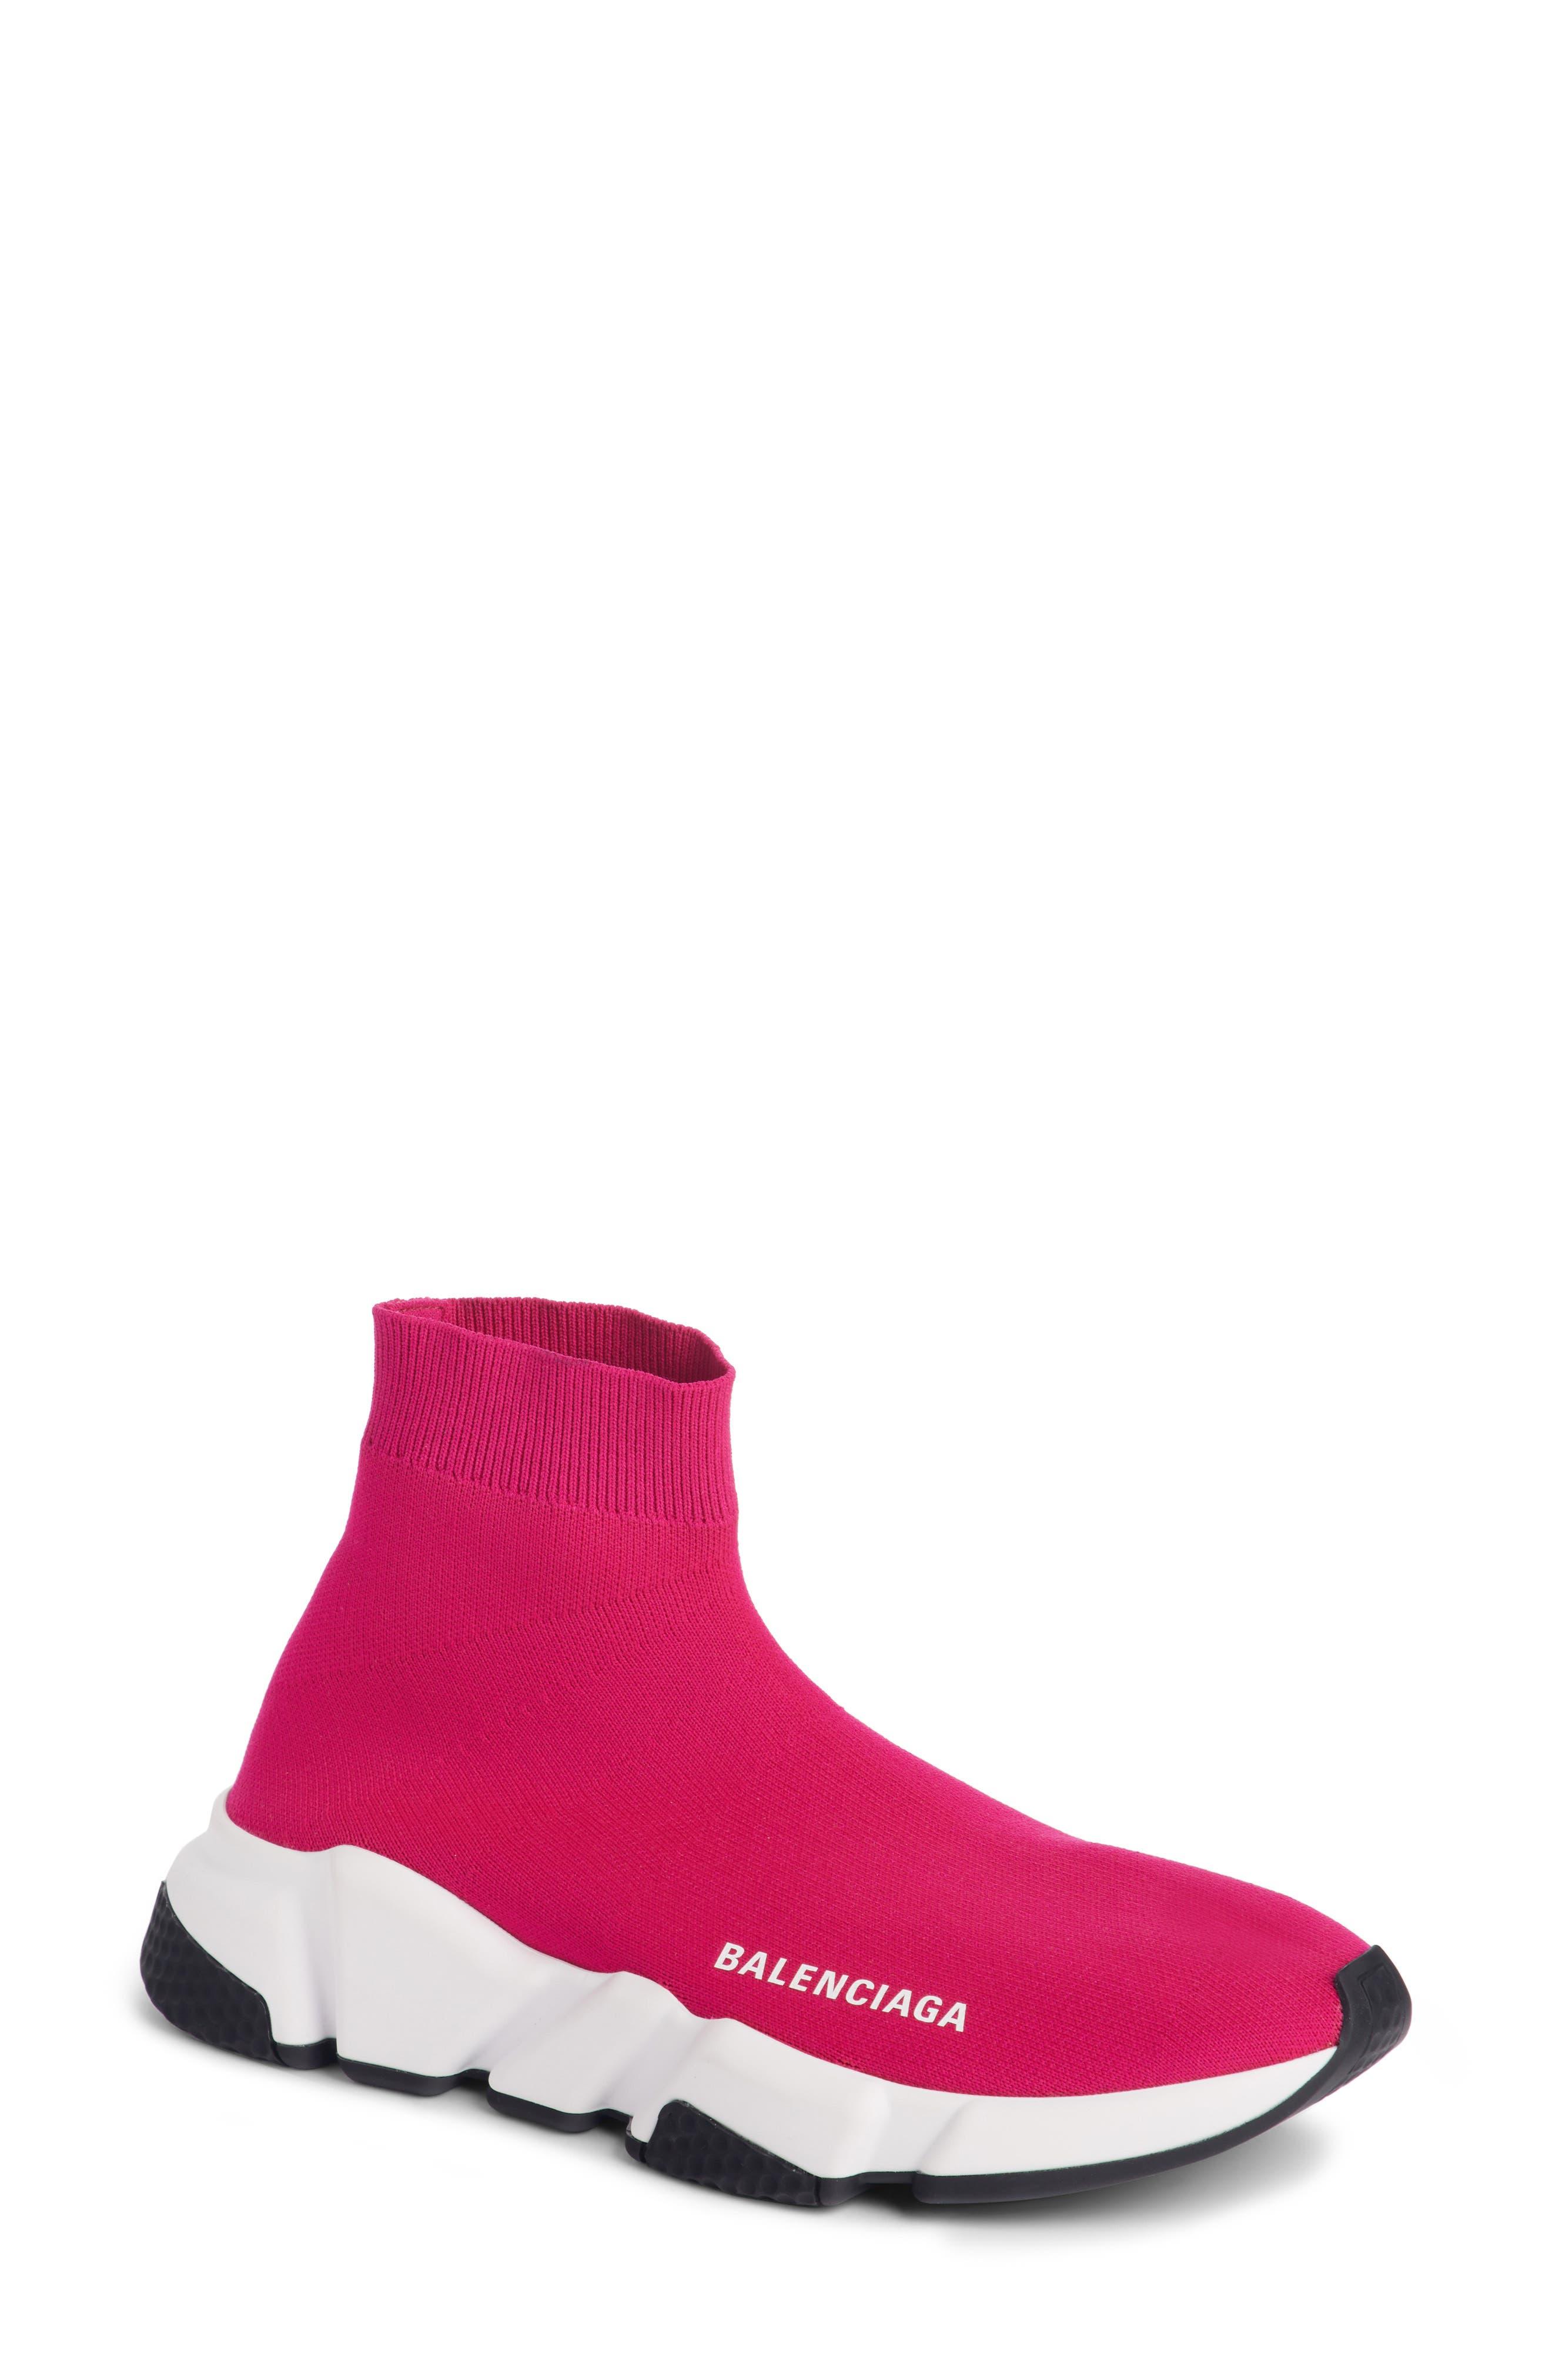 f900a6376afc Women's Balenciaga Shoes | Nordstrom